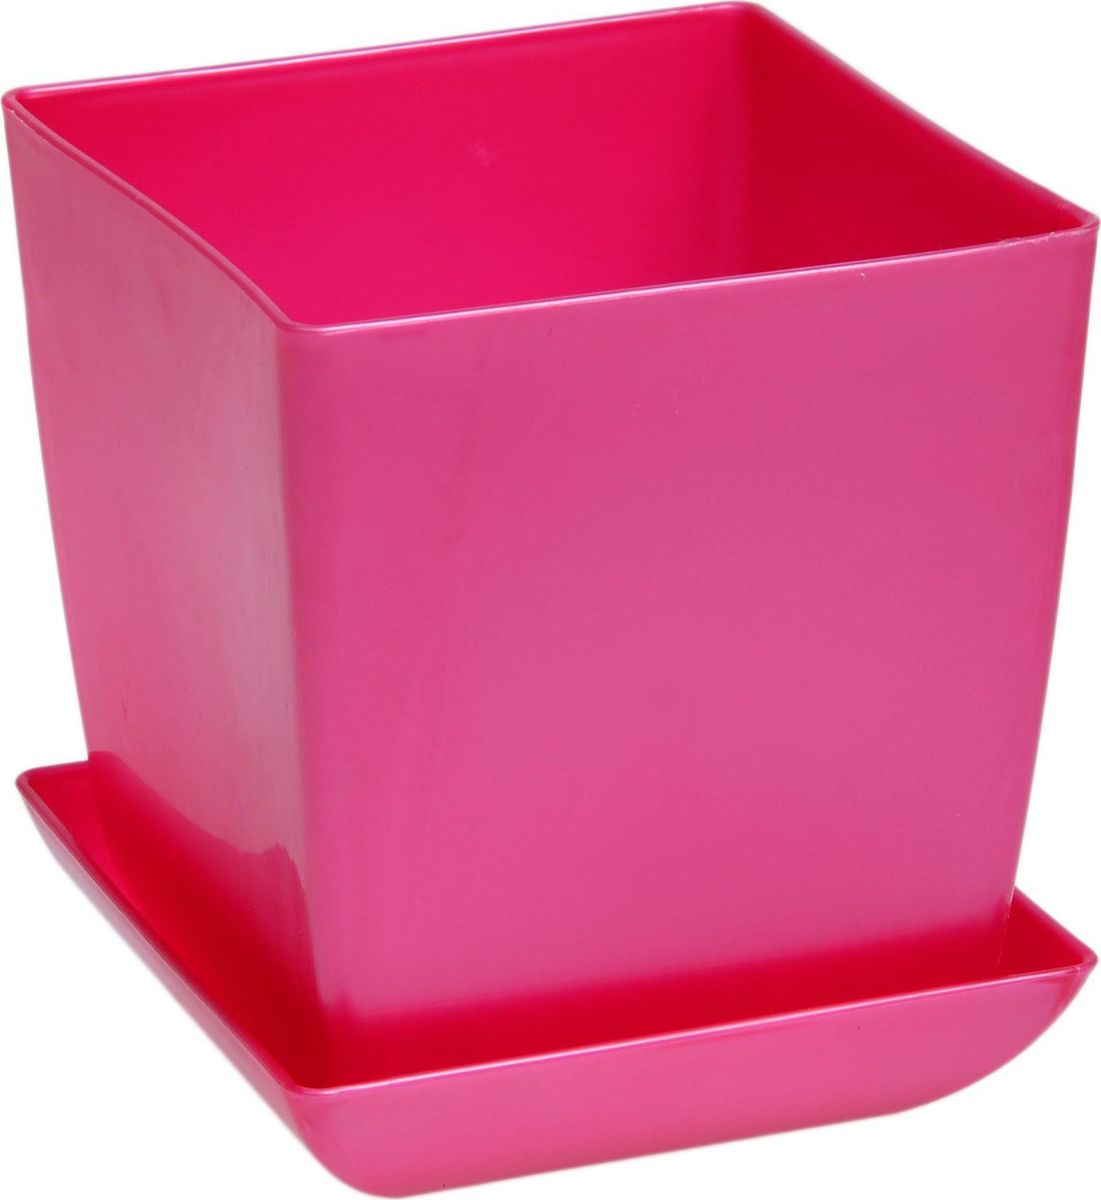 Горшок для цветов Квадрат, с поддоном, цвет: рубиновый, 3,5 л1459538Любой, даже самый современный и продуманный интерьер будет незавершенным без растений. Они не только очищают воздух и насыщают его кислородом, но и украшают окружающее пространство. Такому полезному члену семьи просто необходим красивый и функциональный дом! Оптимальный выбор материала — пластмасса! Почему мы так считаем? Малый вес. С легкостью переносите горшки и кашпо с места на место, ставьте их на столики или полки, не беспокоясь о нагрузке. Простота ухода. Кашпо не нуждается в специальных условиях хранения. Его легко чистить — достаточно просто сполоснуть теплой водой. Никаких потертостей. Такие кашпо не царапают и не загрязняют поверхности, на которых стоят. Пластик дольше хранит влагу, а значит, растение реже нуждается в поливе. Пластмасса не пропускает воздух — корневой системе растения не грозят резкие перепады температур. Огромный выбор форм, декора и расцветок — вы без труда найдете что-то, что идеально впишется в уже существующий интерьер. Соблюдая нехитрые правила ухода, вы можете заметно продлить срок службы горшков и кашпо из пластика: всегда учитывайте размер кроны и корневой системы (при разрастании большое растение способно повредить маленький горшок) берегите изделие от воздействия прямых солнечных лучей, чтобы горшки не выцветали держите кашпо из пластика подальше от нагревающихся поверхностей. Создавайте прекрасные цветочные композиции, выращивайте рассаду или необычные растения.